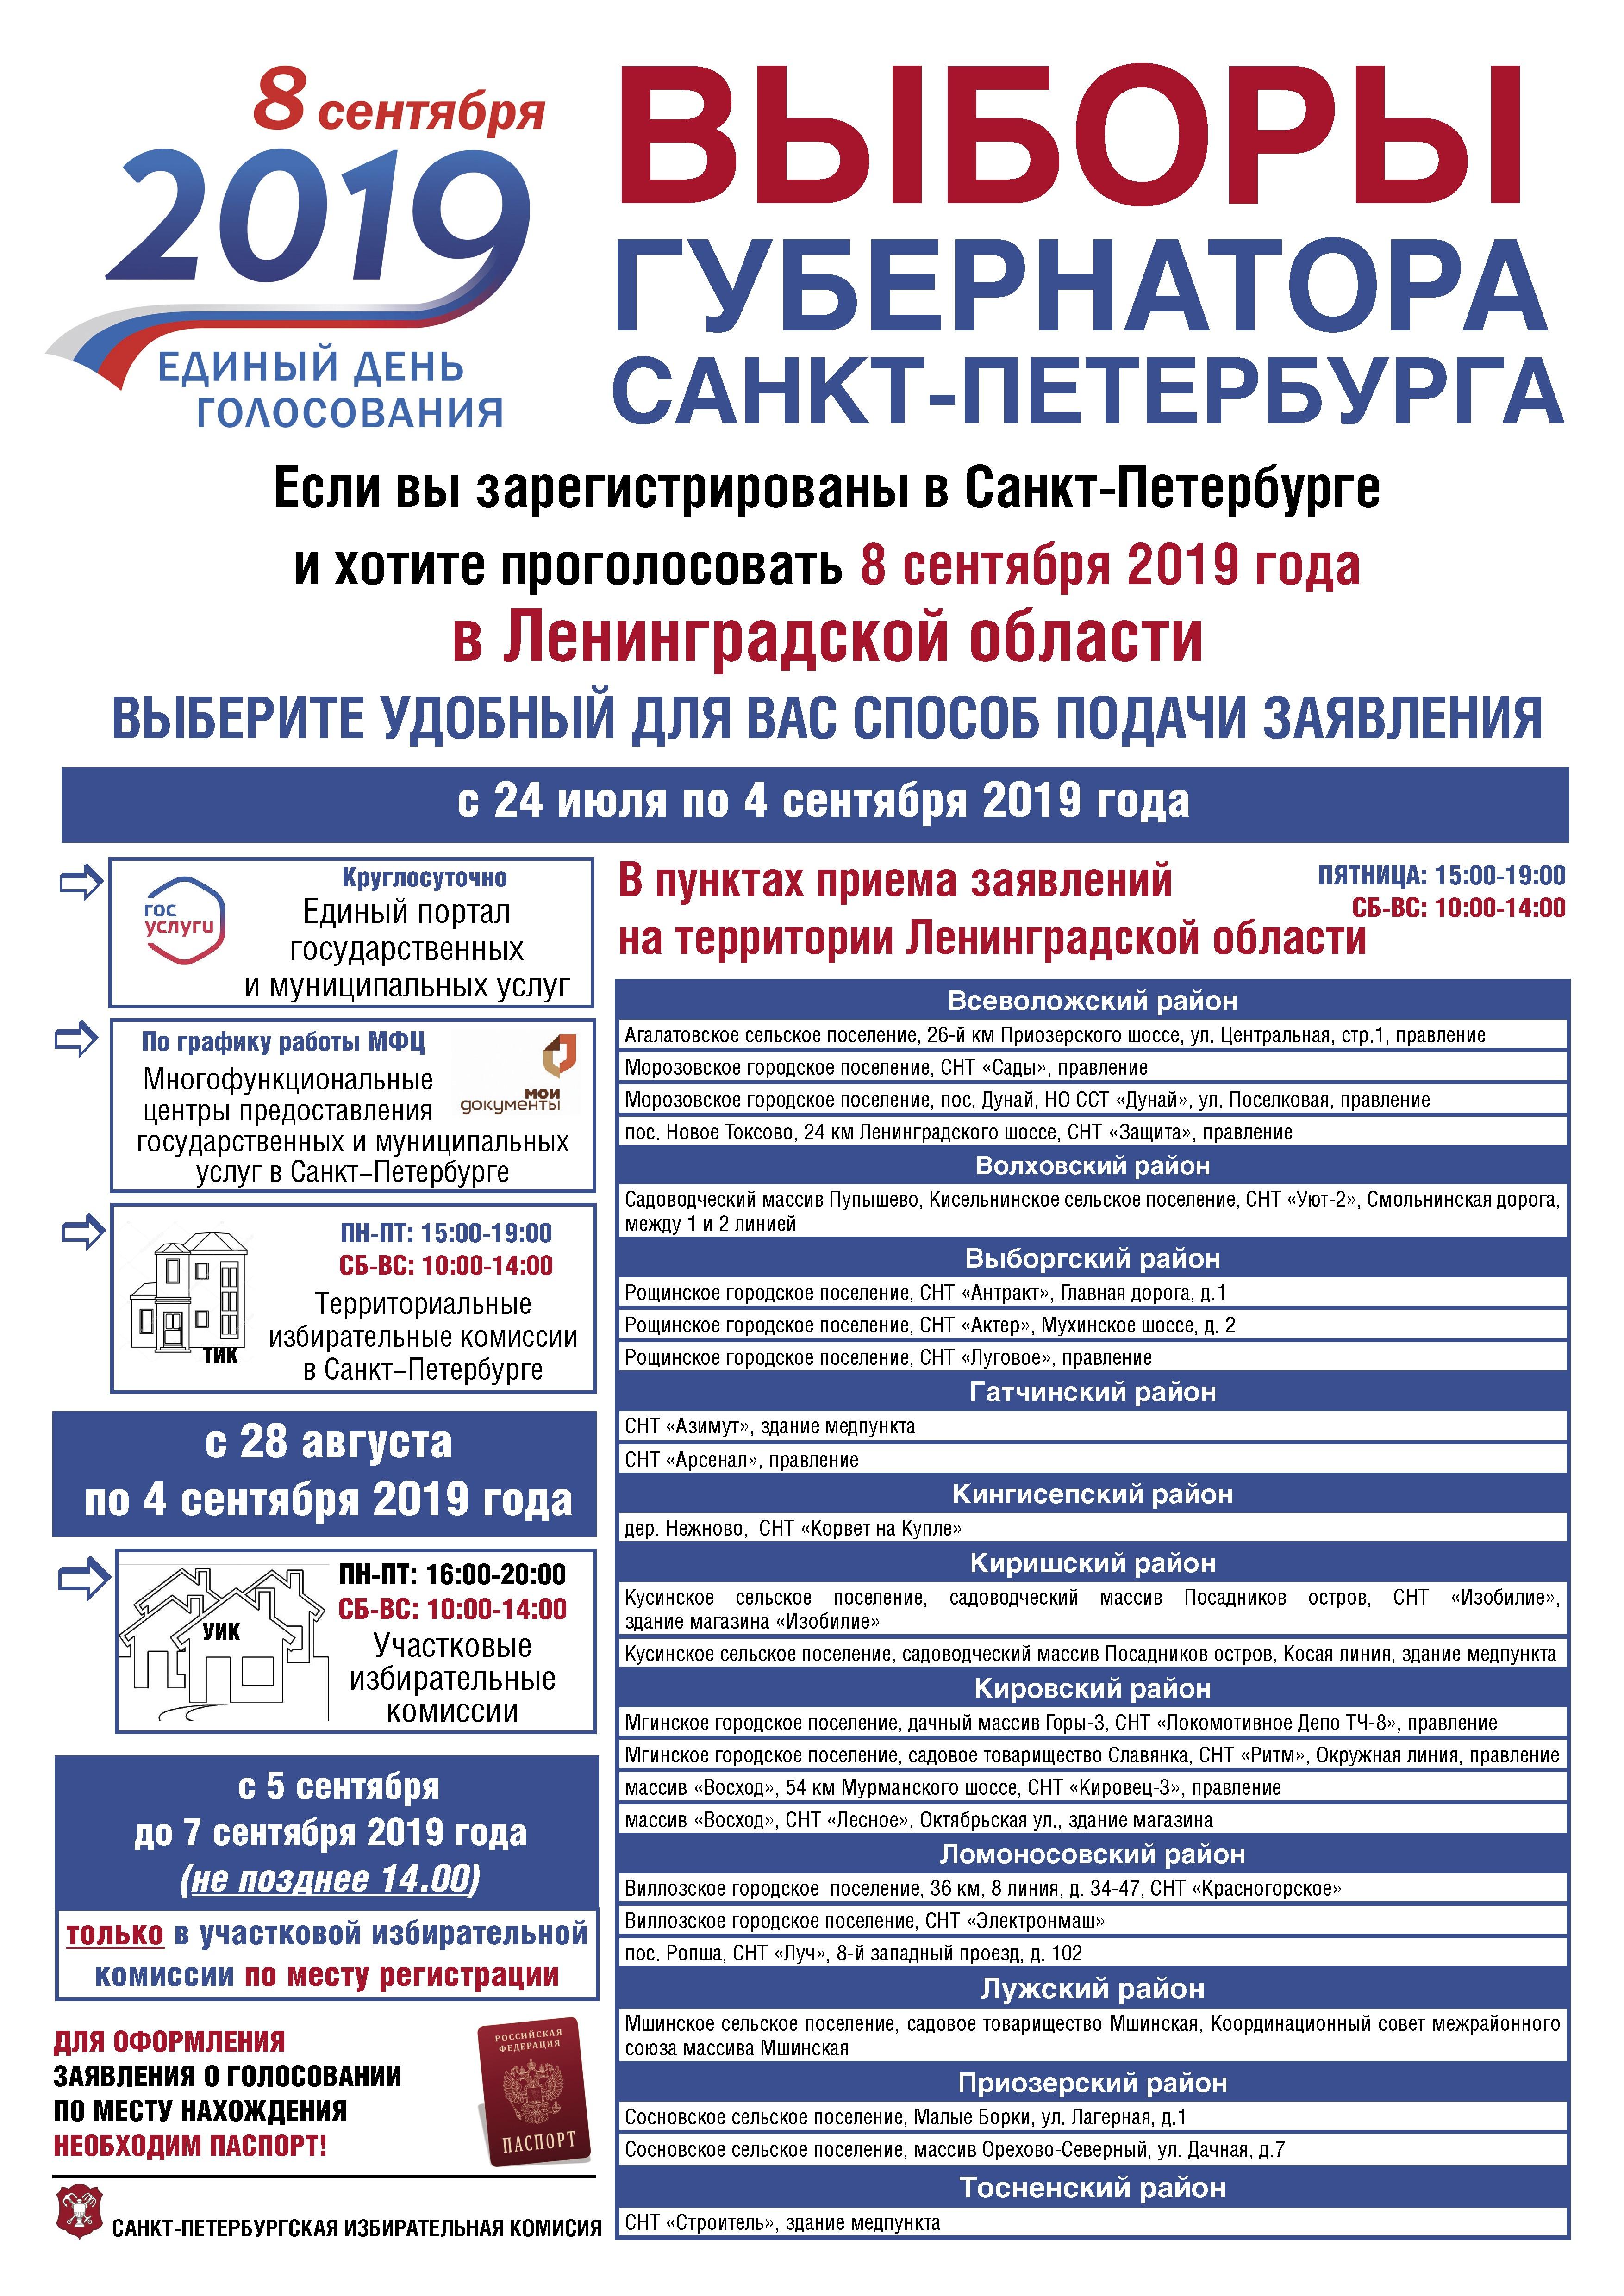 ВЫБОРЫ ГУБЕРНАТОРА САНКТ-ПЕТЕРБУРГА 2019